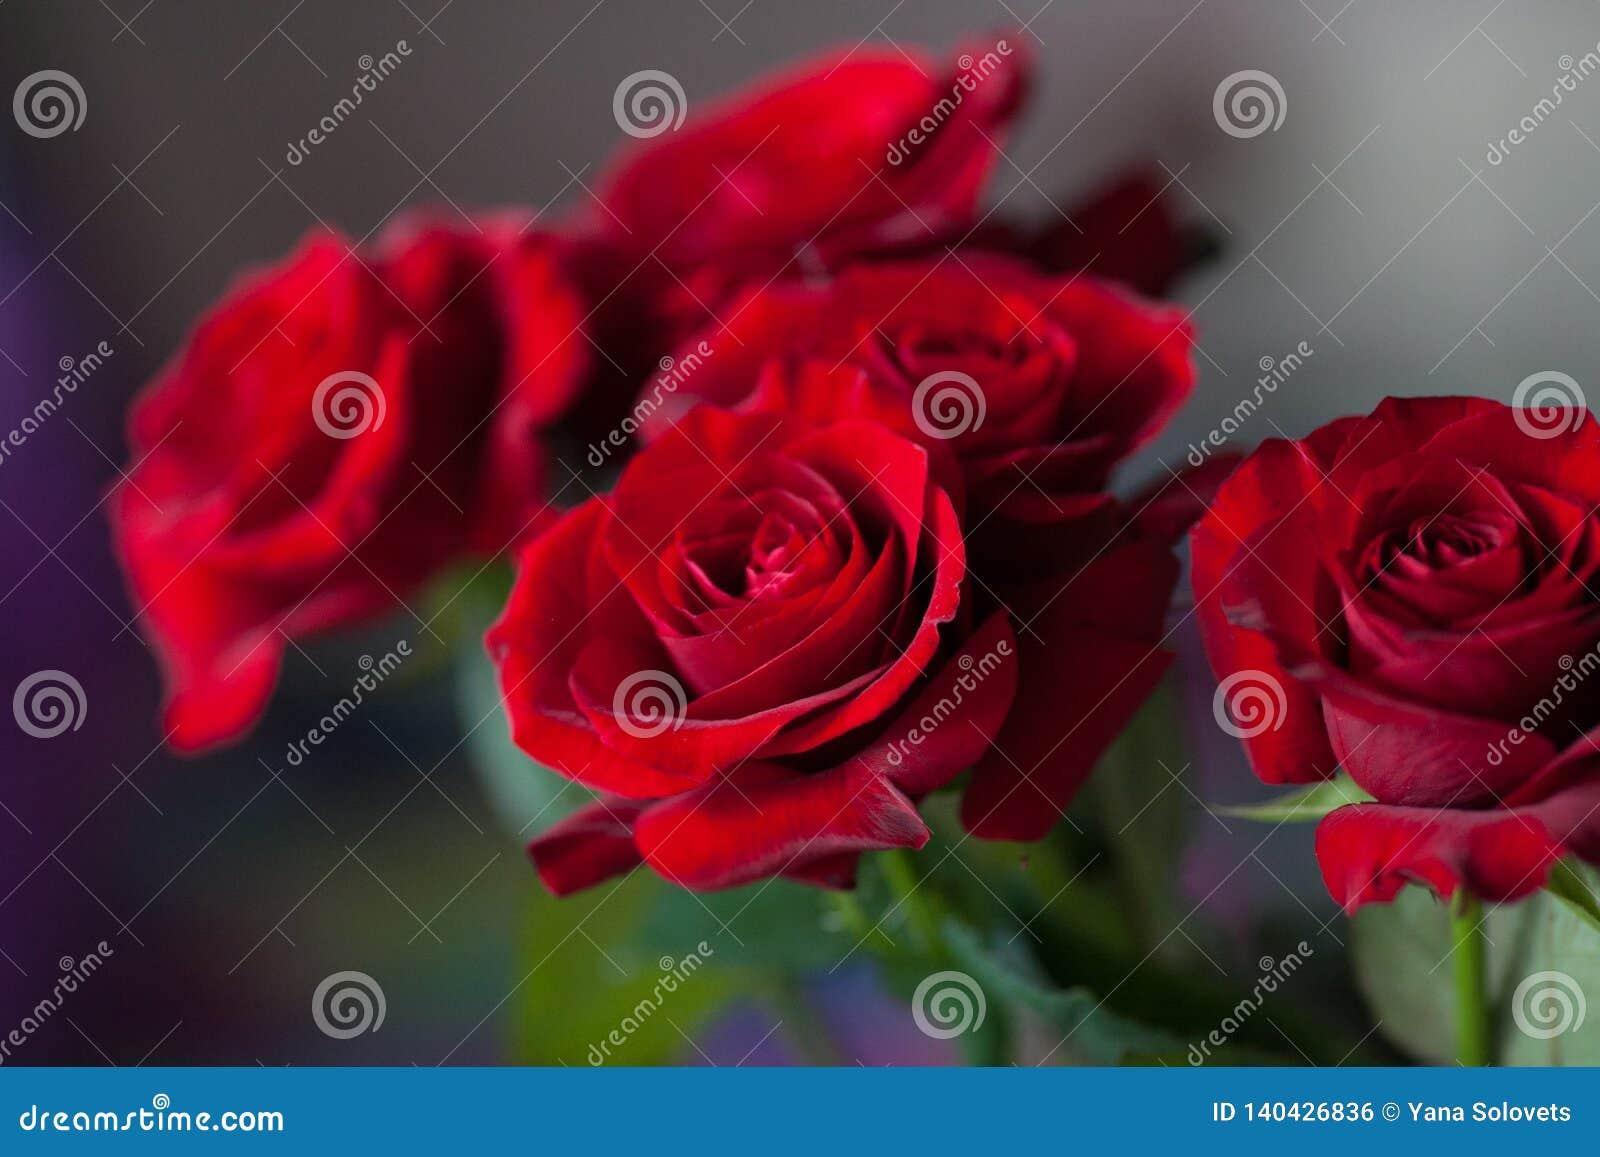 Rote Rosen auf dem unscharfen Hintergrund